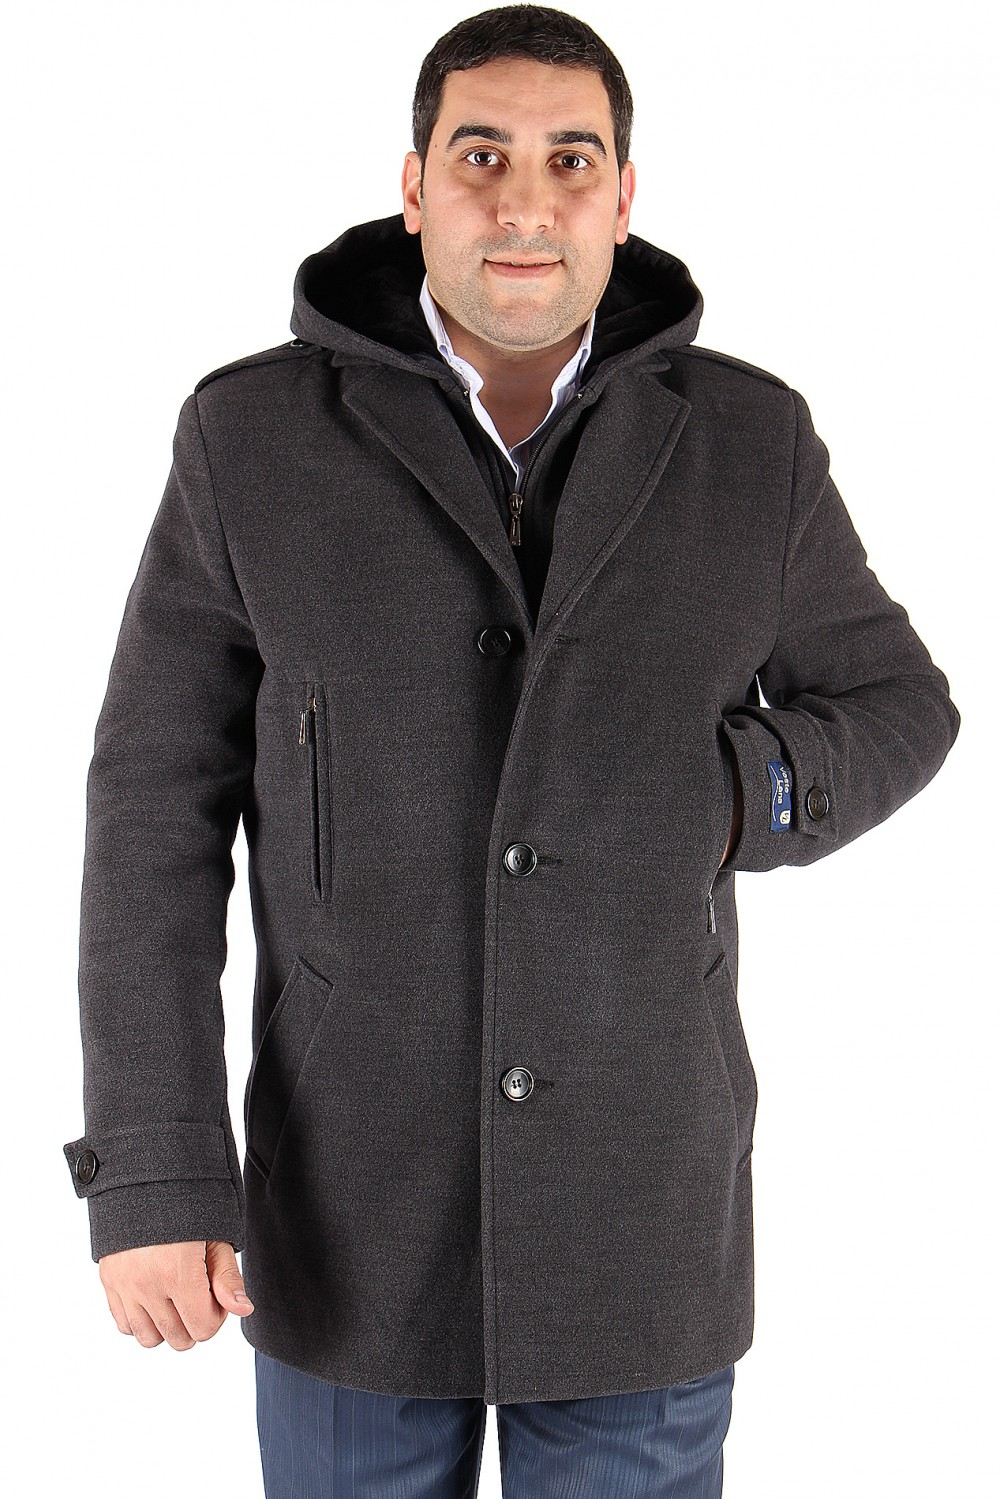 Купить Полупальто мужское серого цвета Мс-01Sr